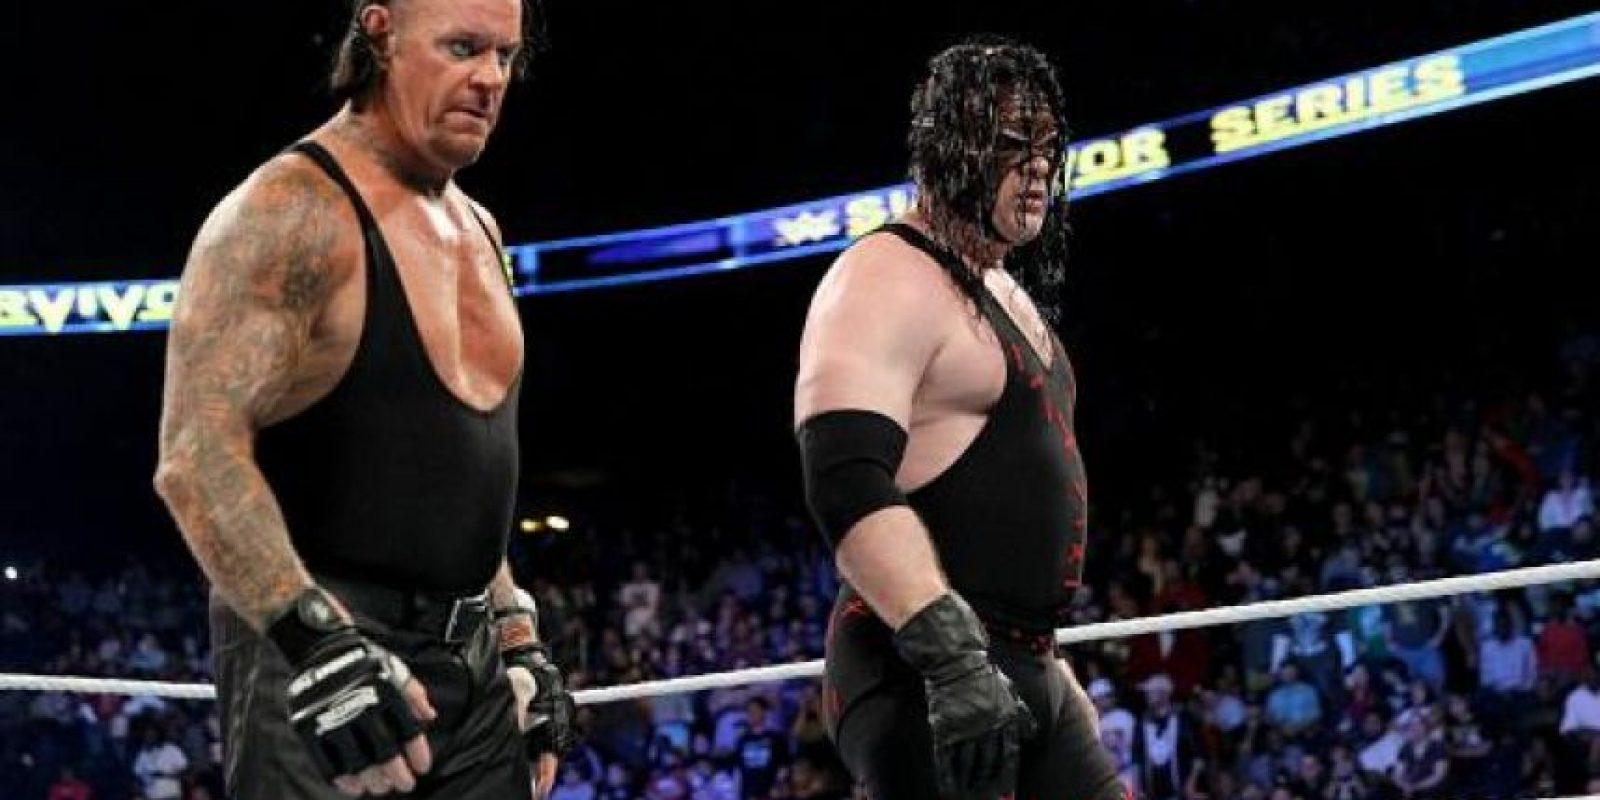 """Los """"Hermanos de la destrucción"""" salieron con la victoria Foto:WWE"""